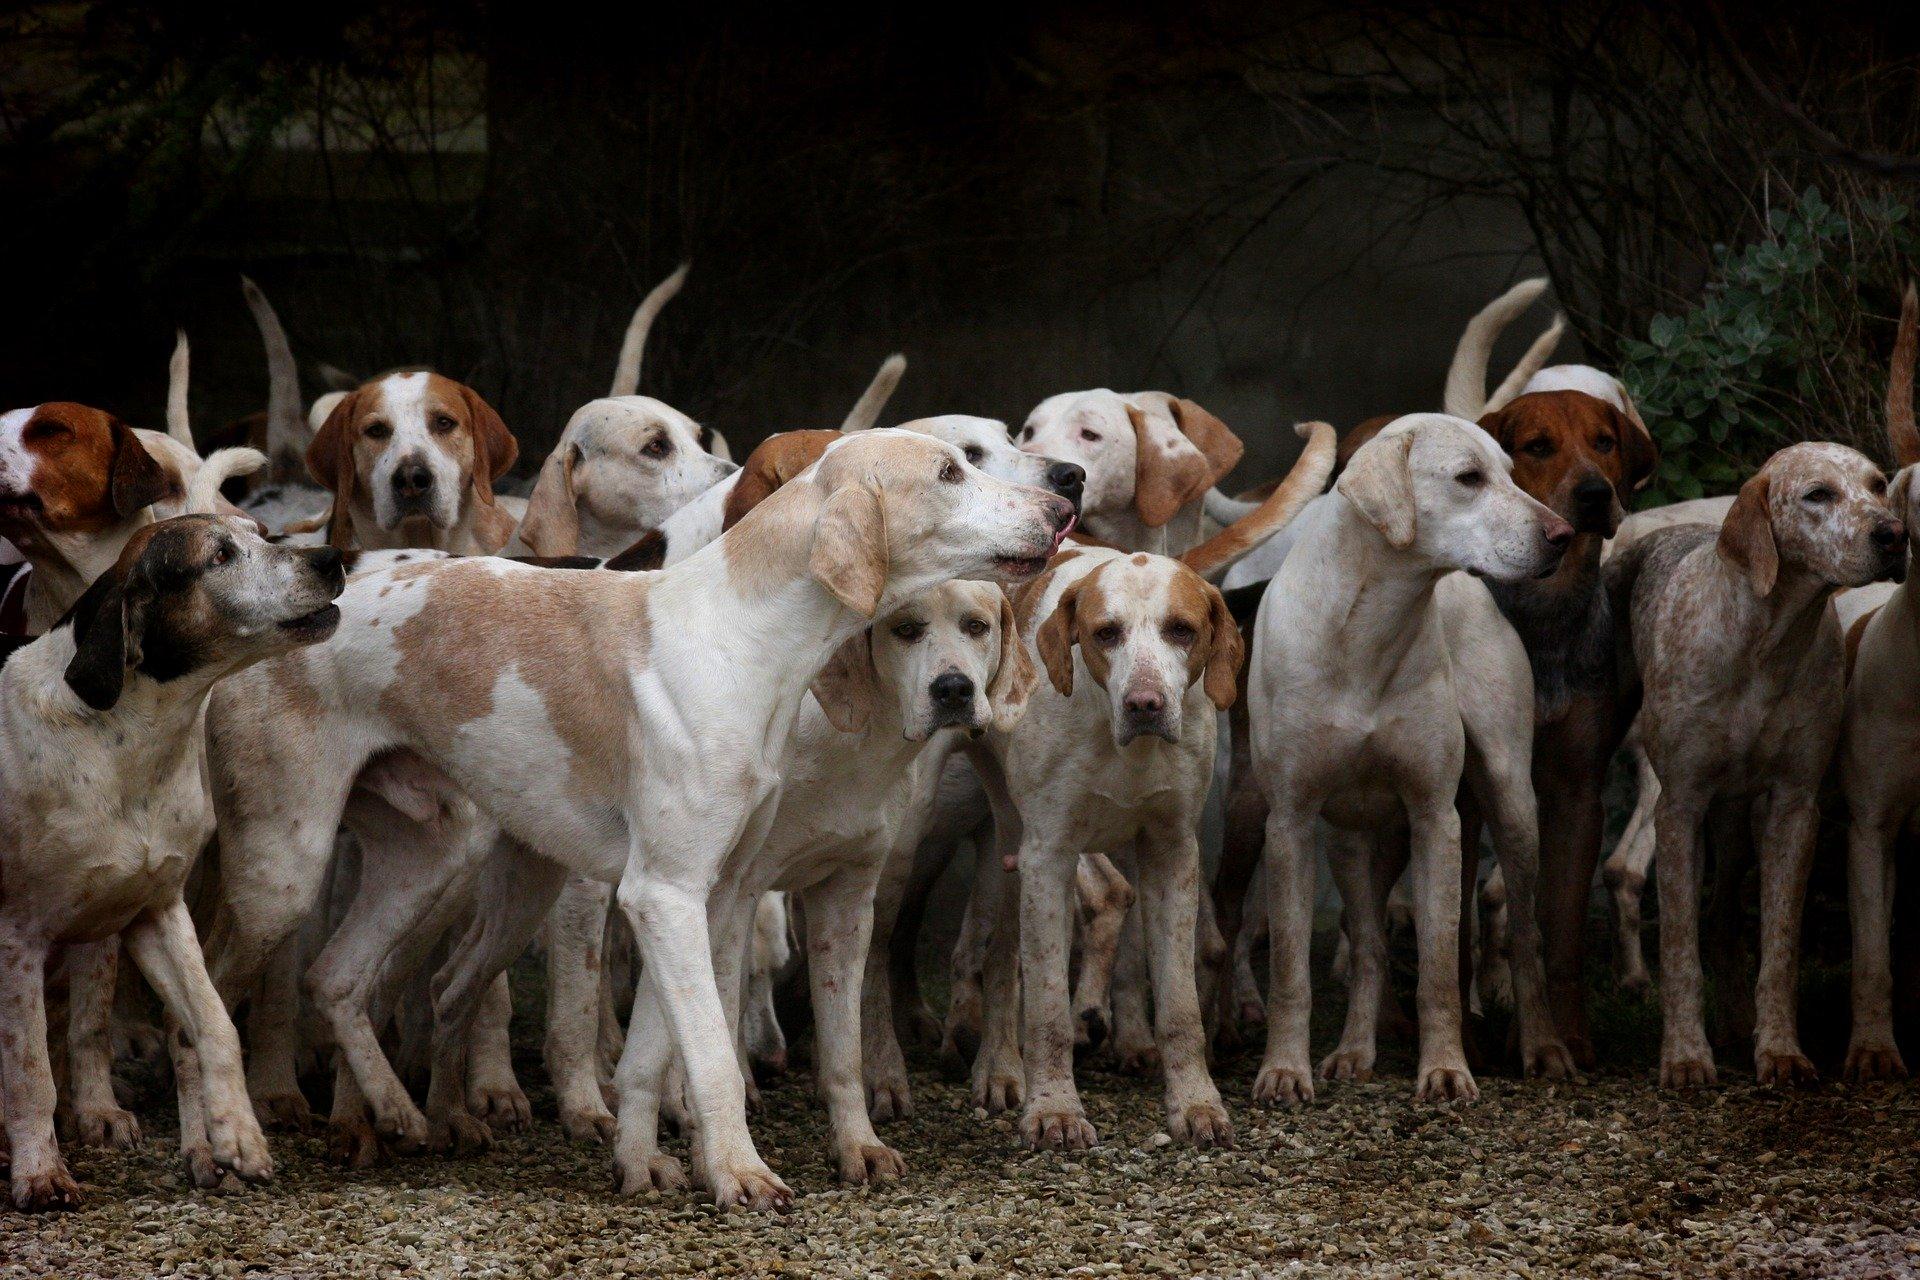 Los perros se aparean varias veces al año